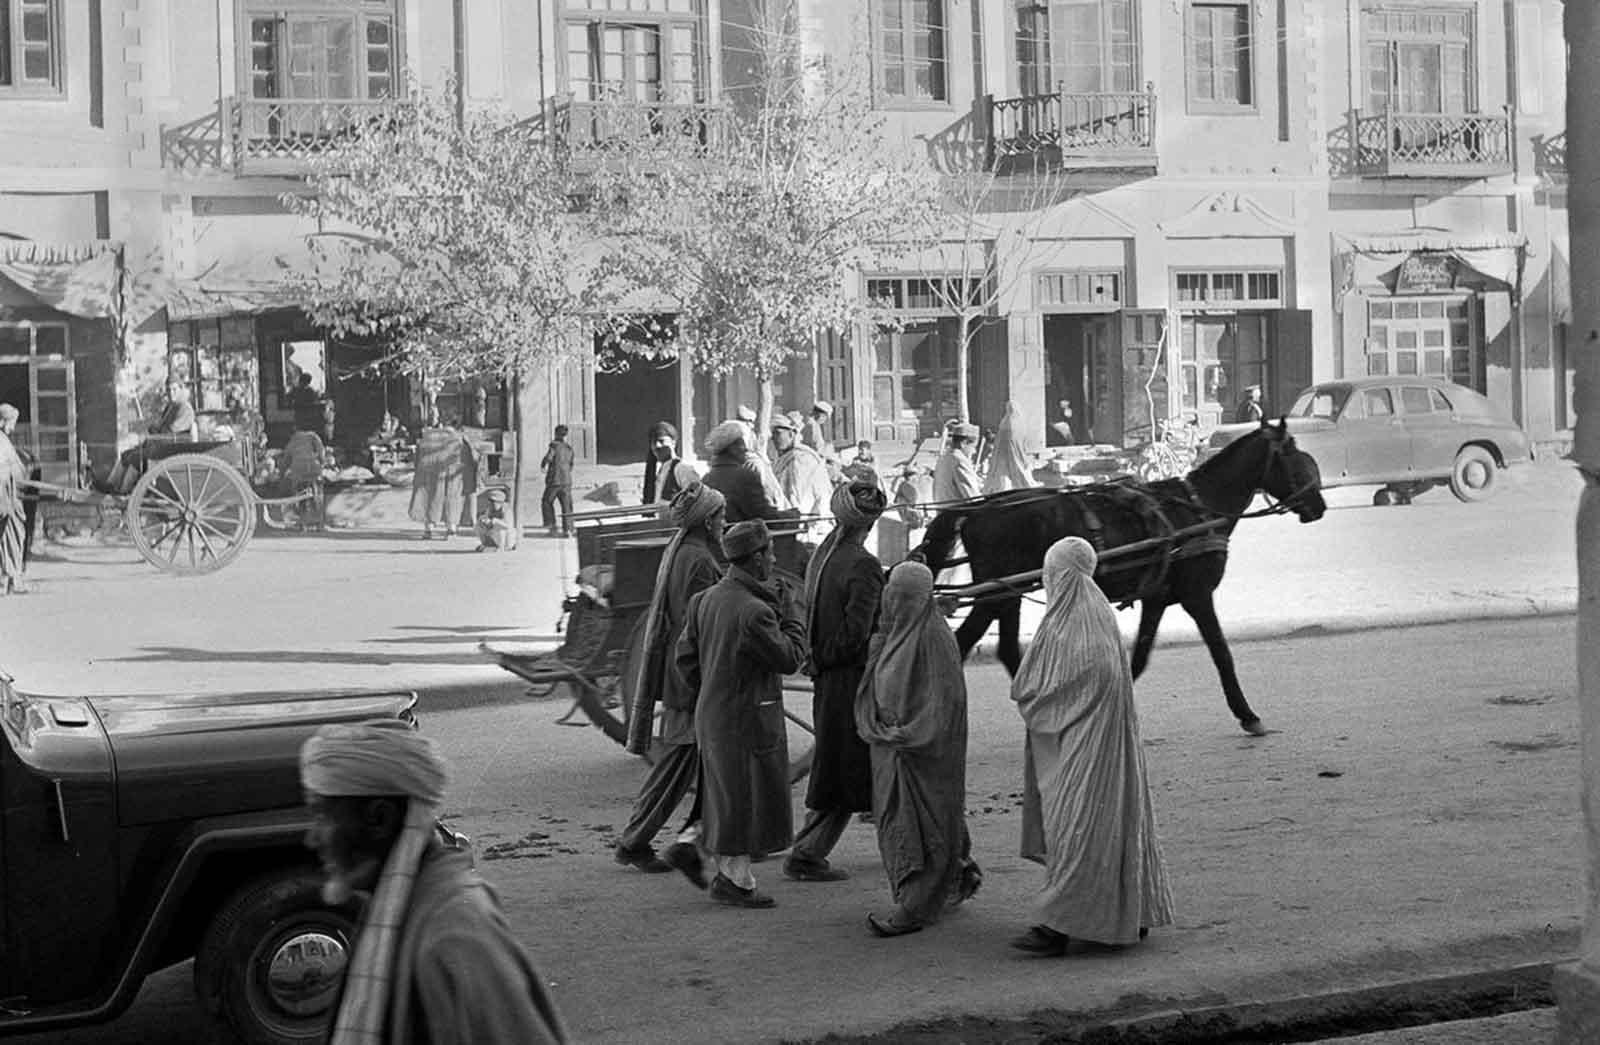 Las mujeres, vistiendo burqas tradicionales y zapatillas persas, caminan junto a hombres, automóviles y carretas de caballos en una calle de Kabul, en 1951. En ese momento, esta calle era una de las tres calles pavimentadas de la ciudad capital.